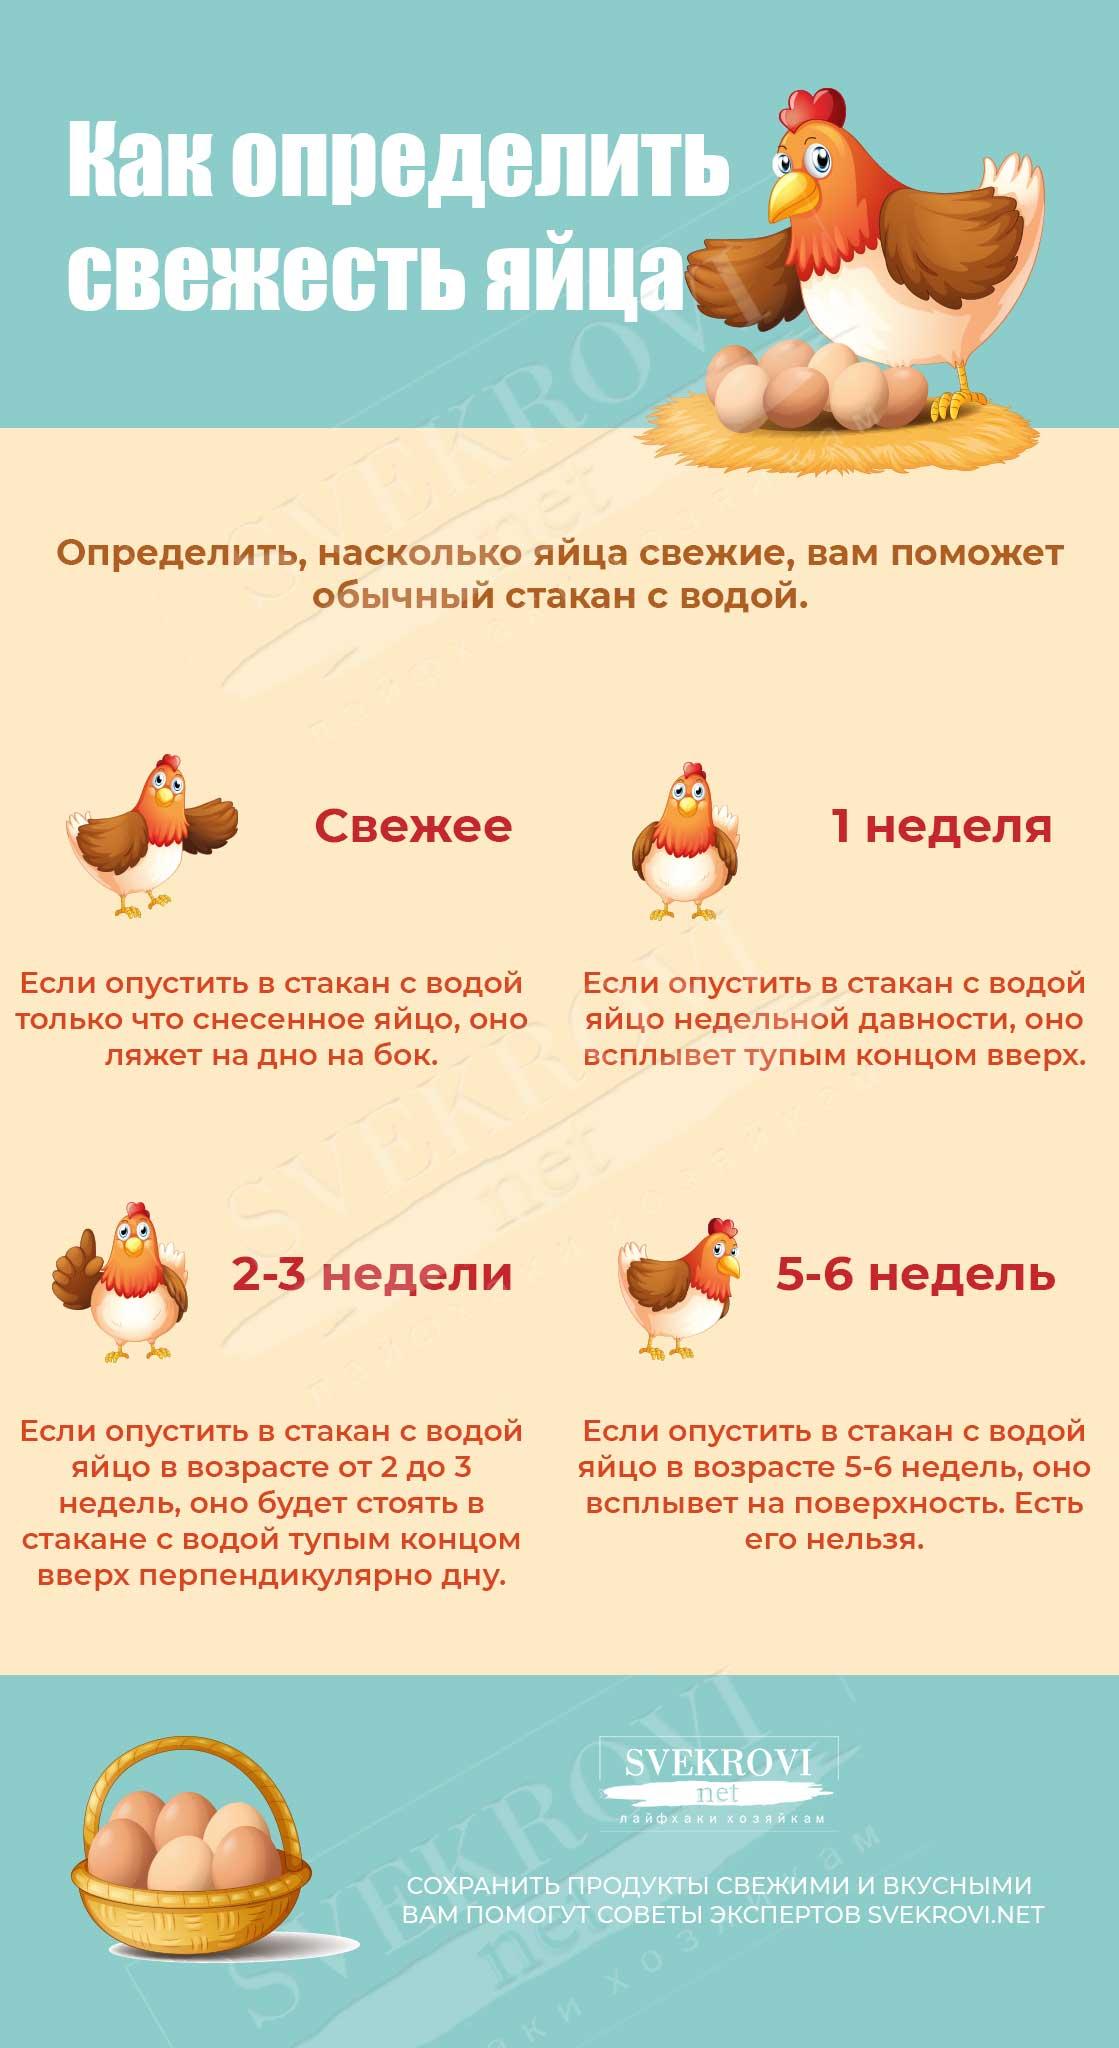 Узнать свежесть яйца курицы